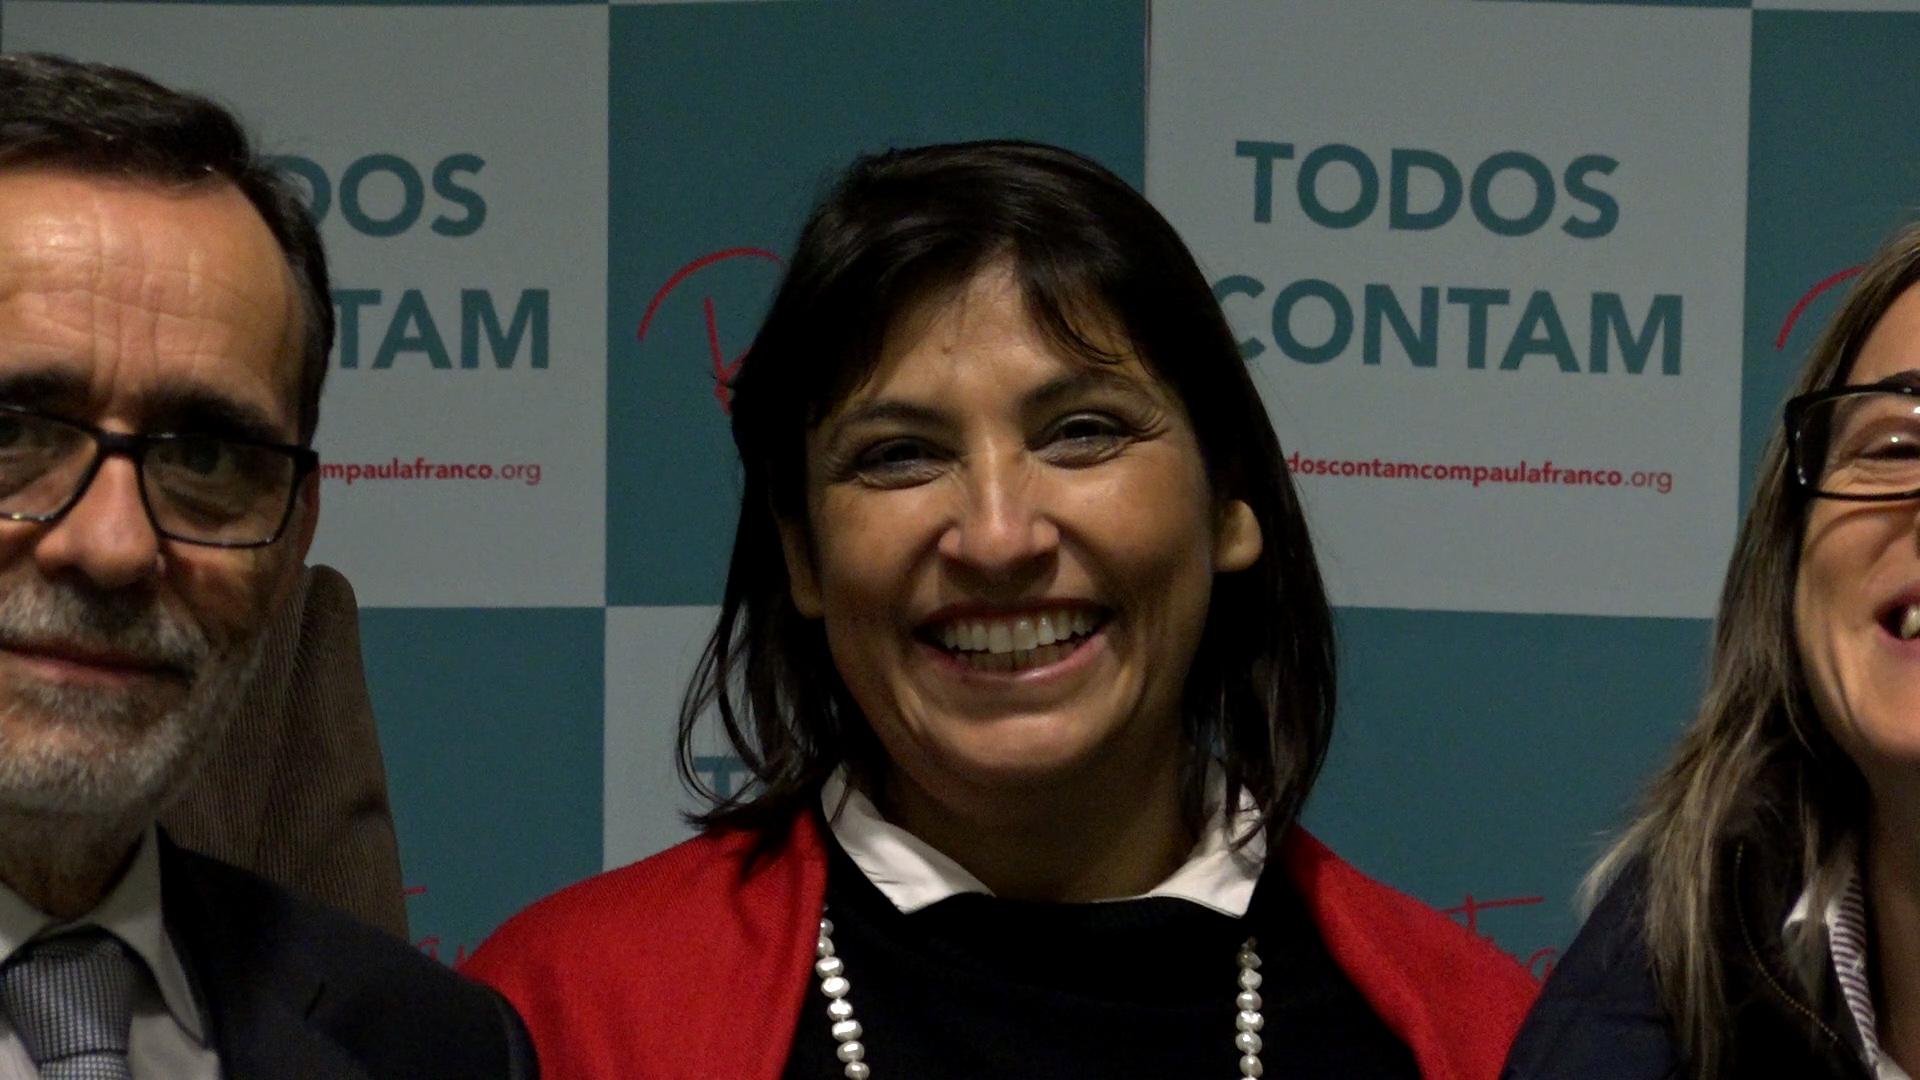 Candidata a Bastonária dos Contabilistas promete valorizar mais os profissionais do distrito